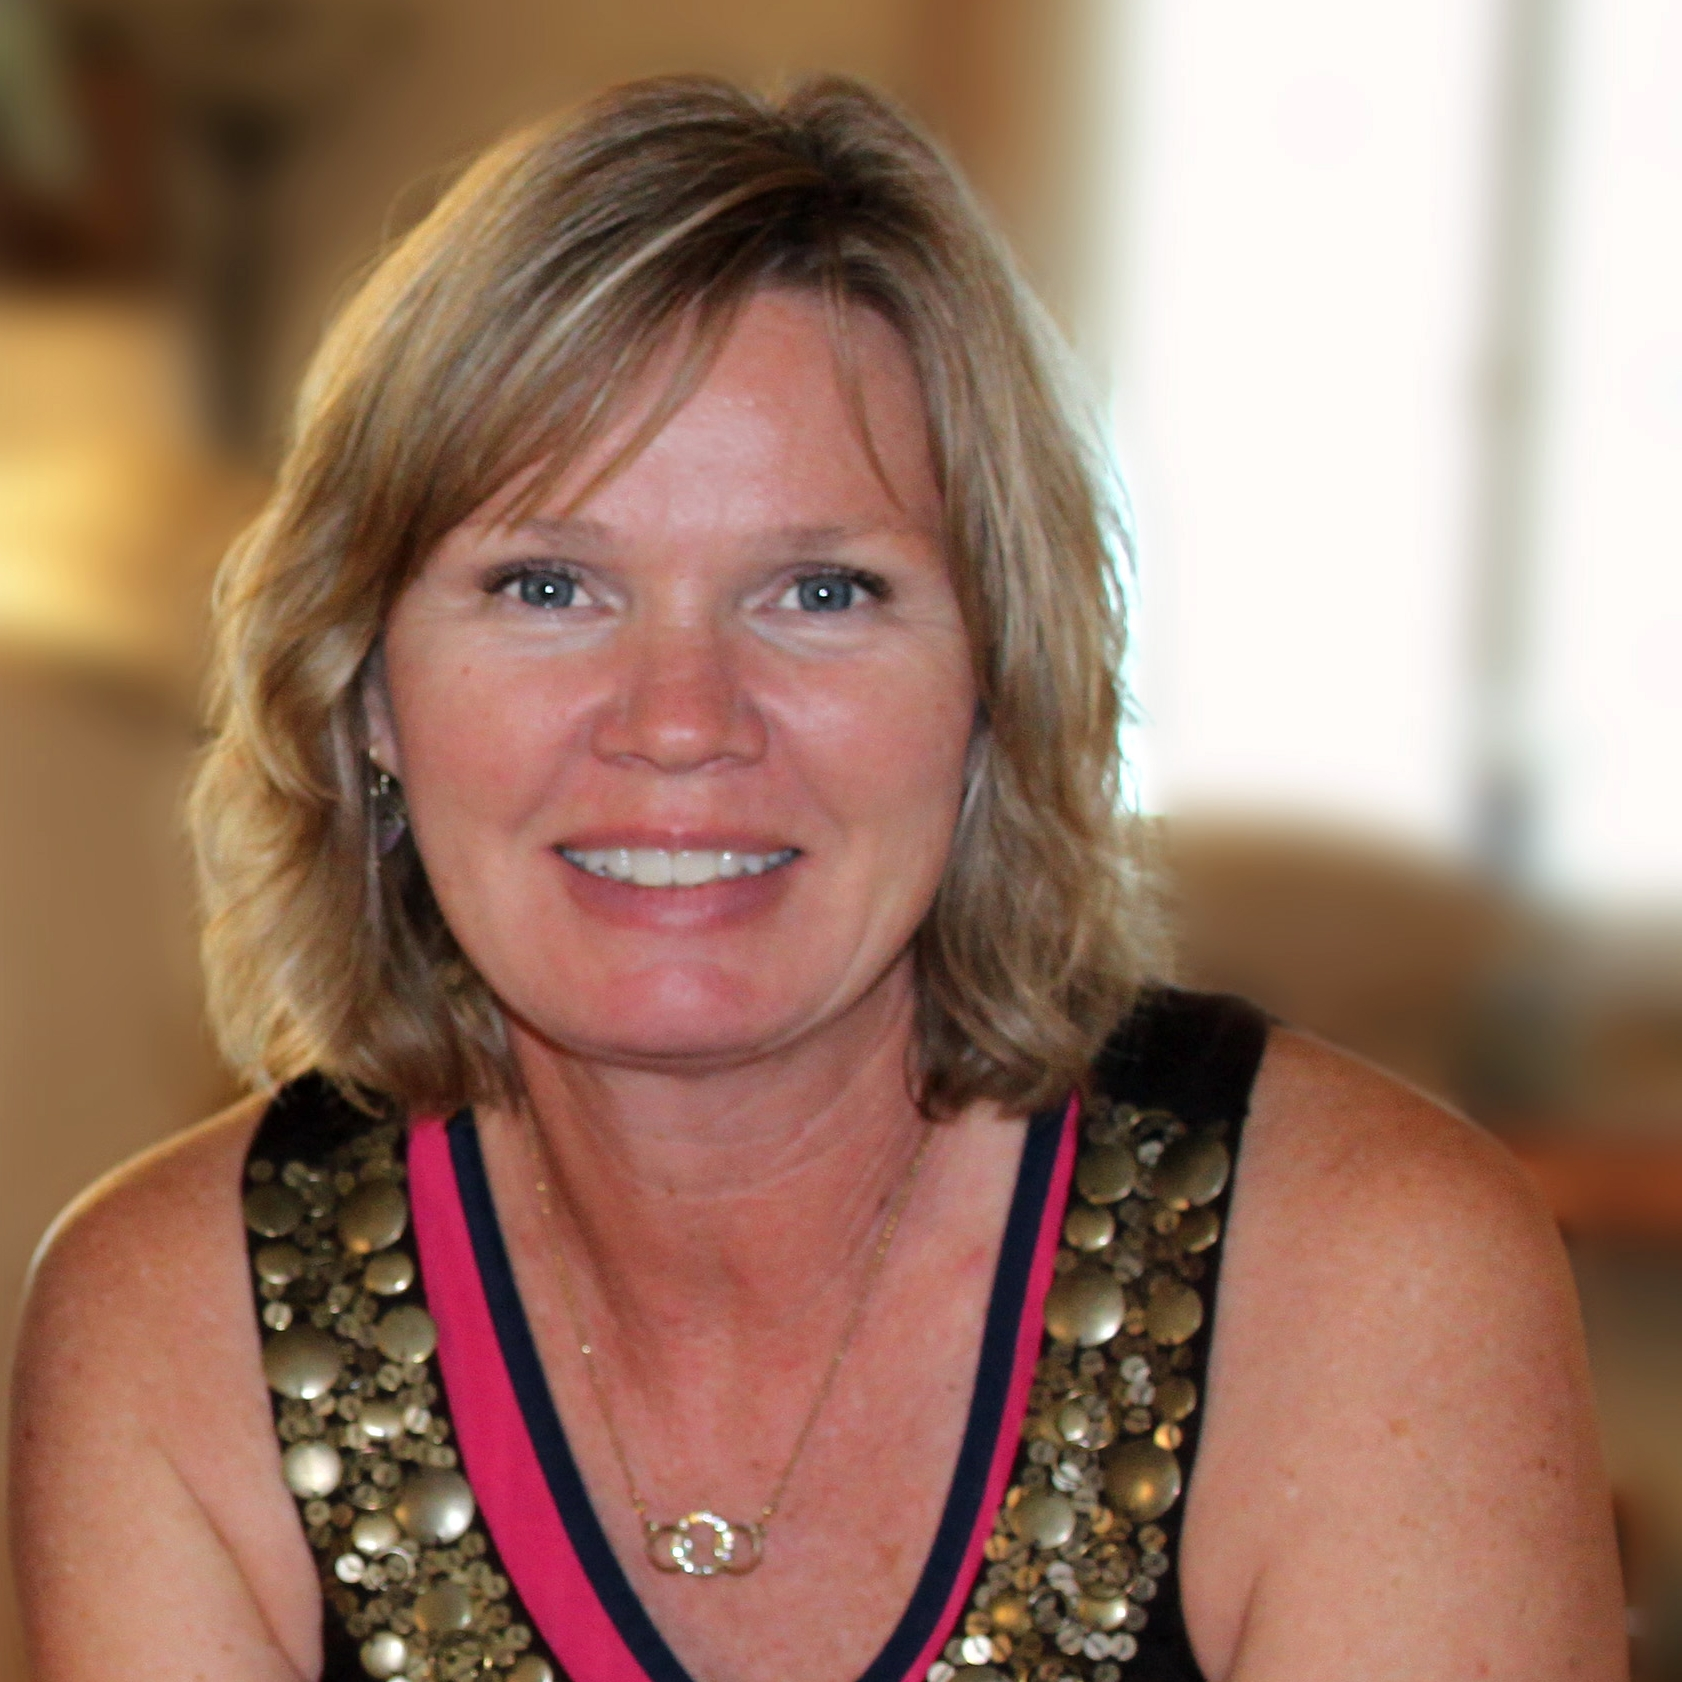 Cheryl Galipeau